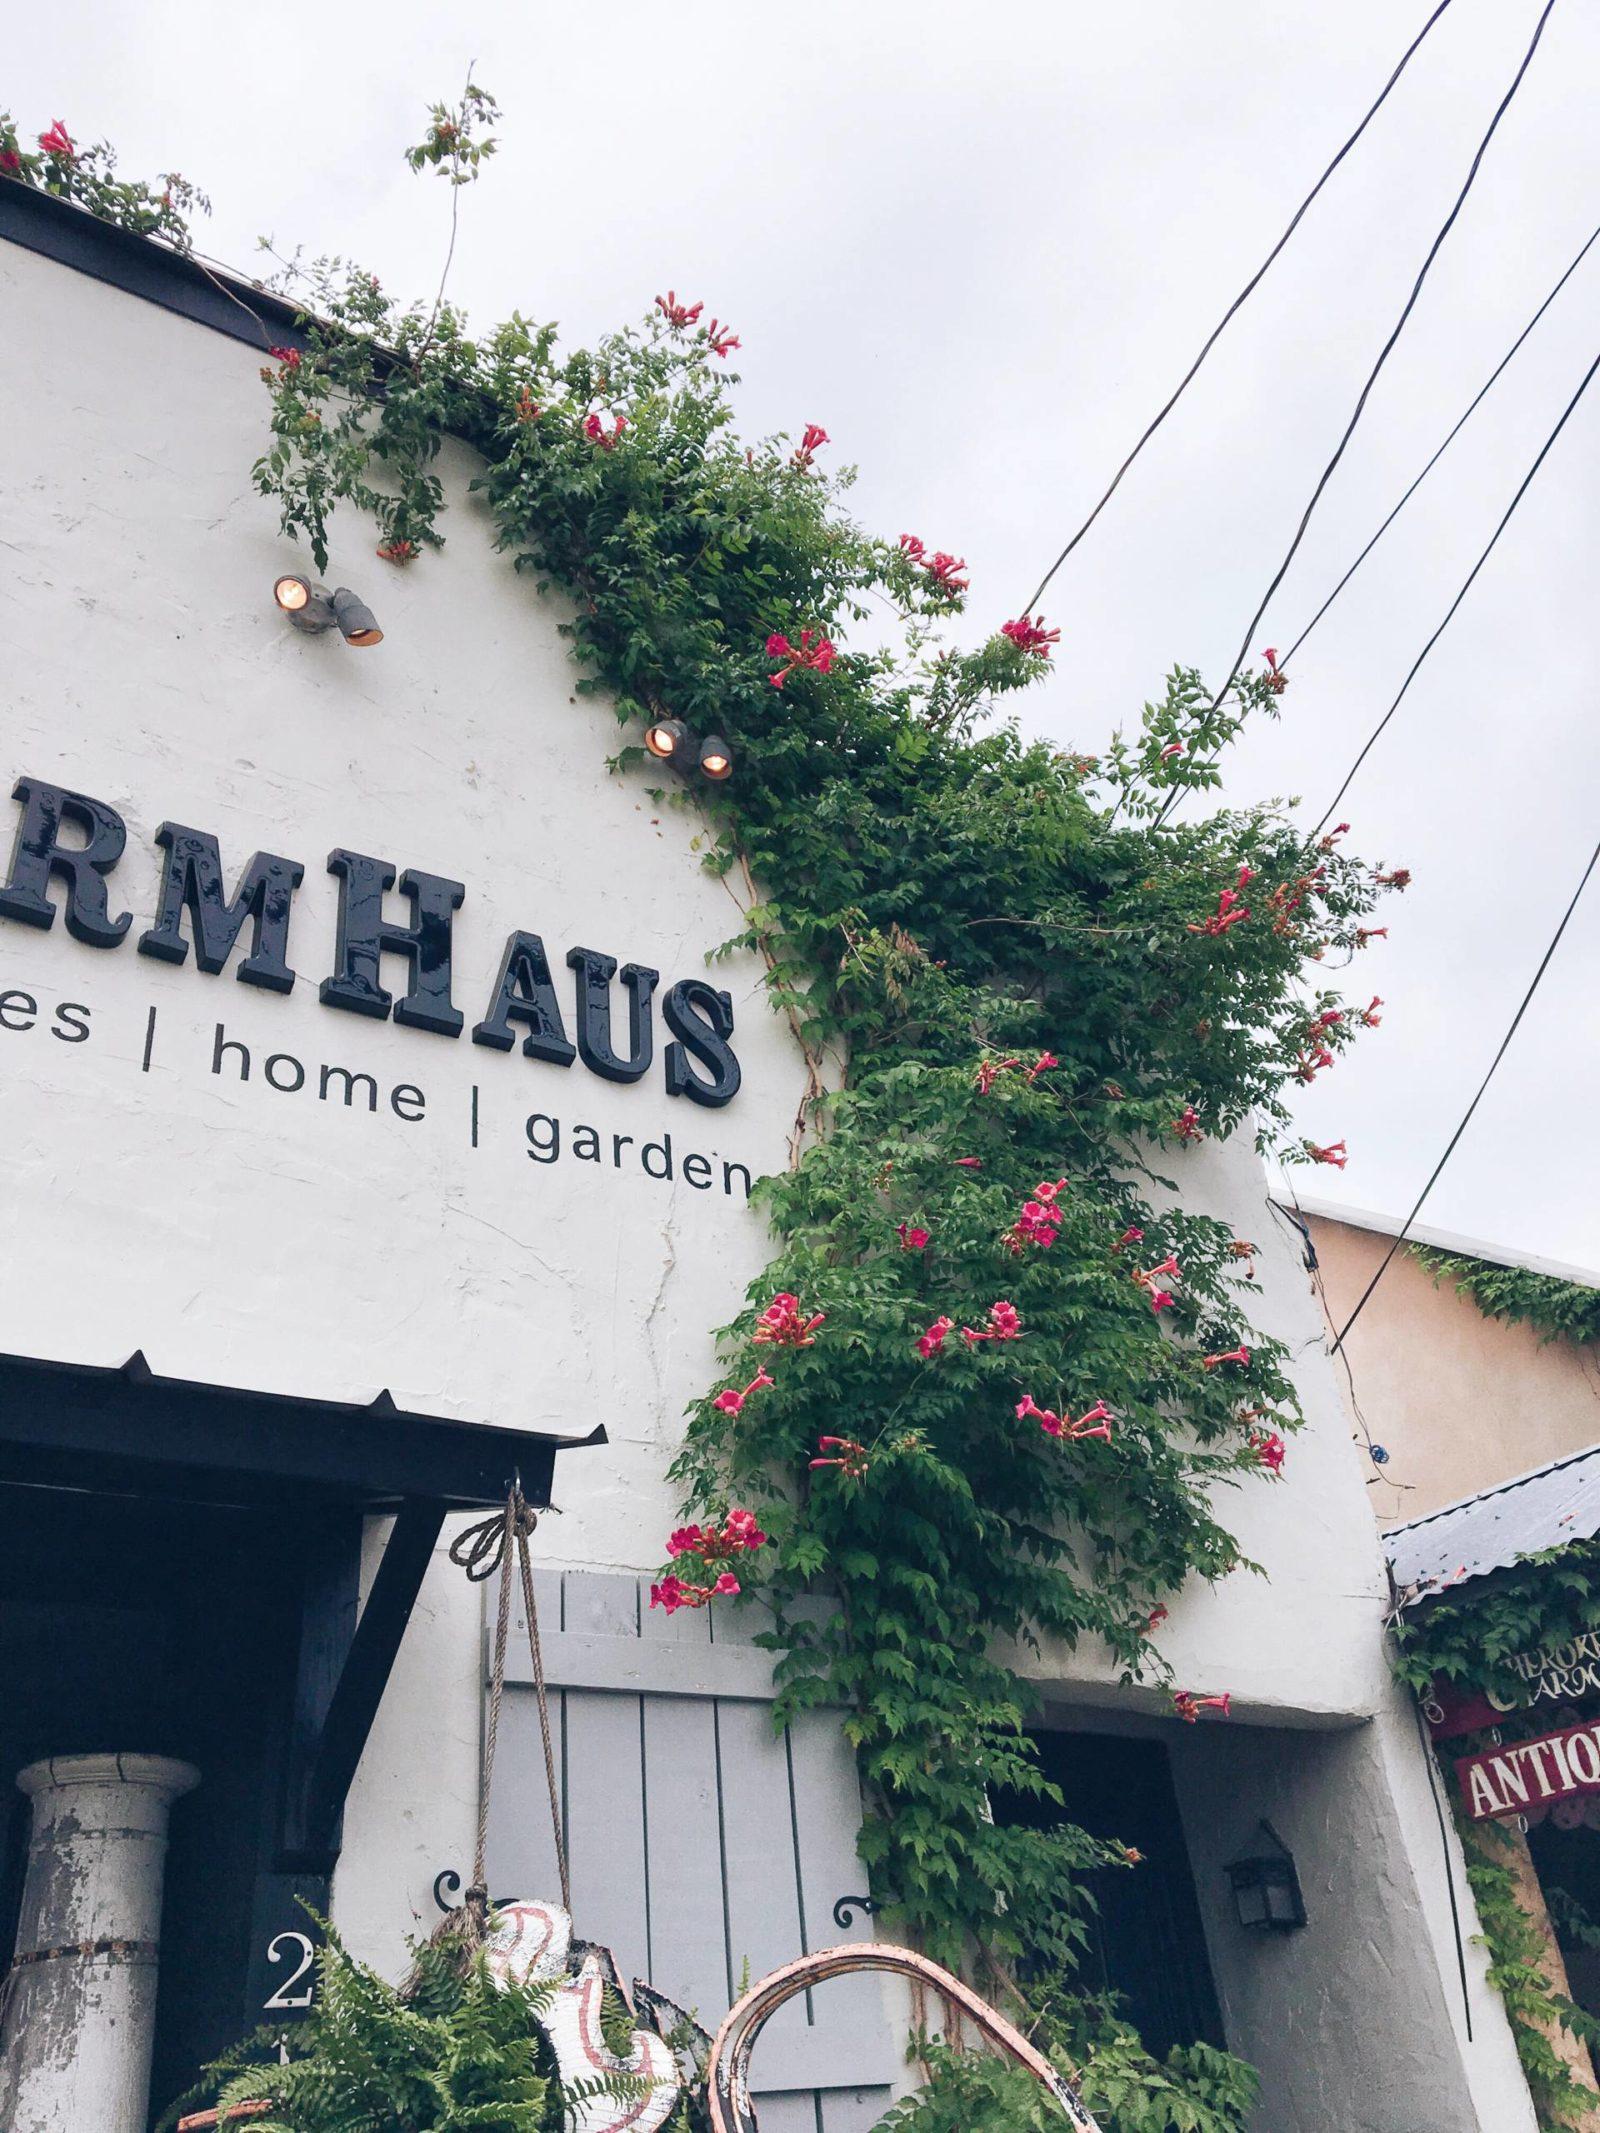 Farmhaus Fredericksburg Texas